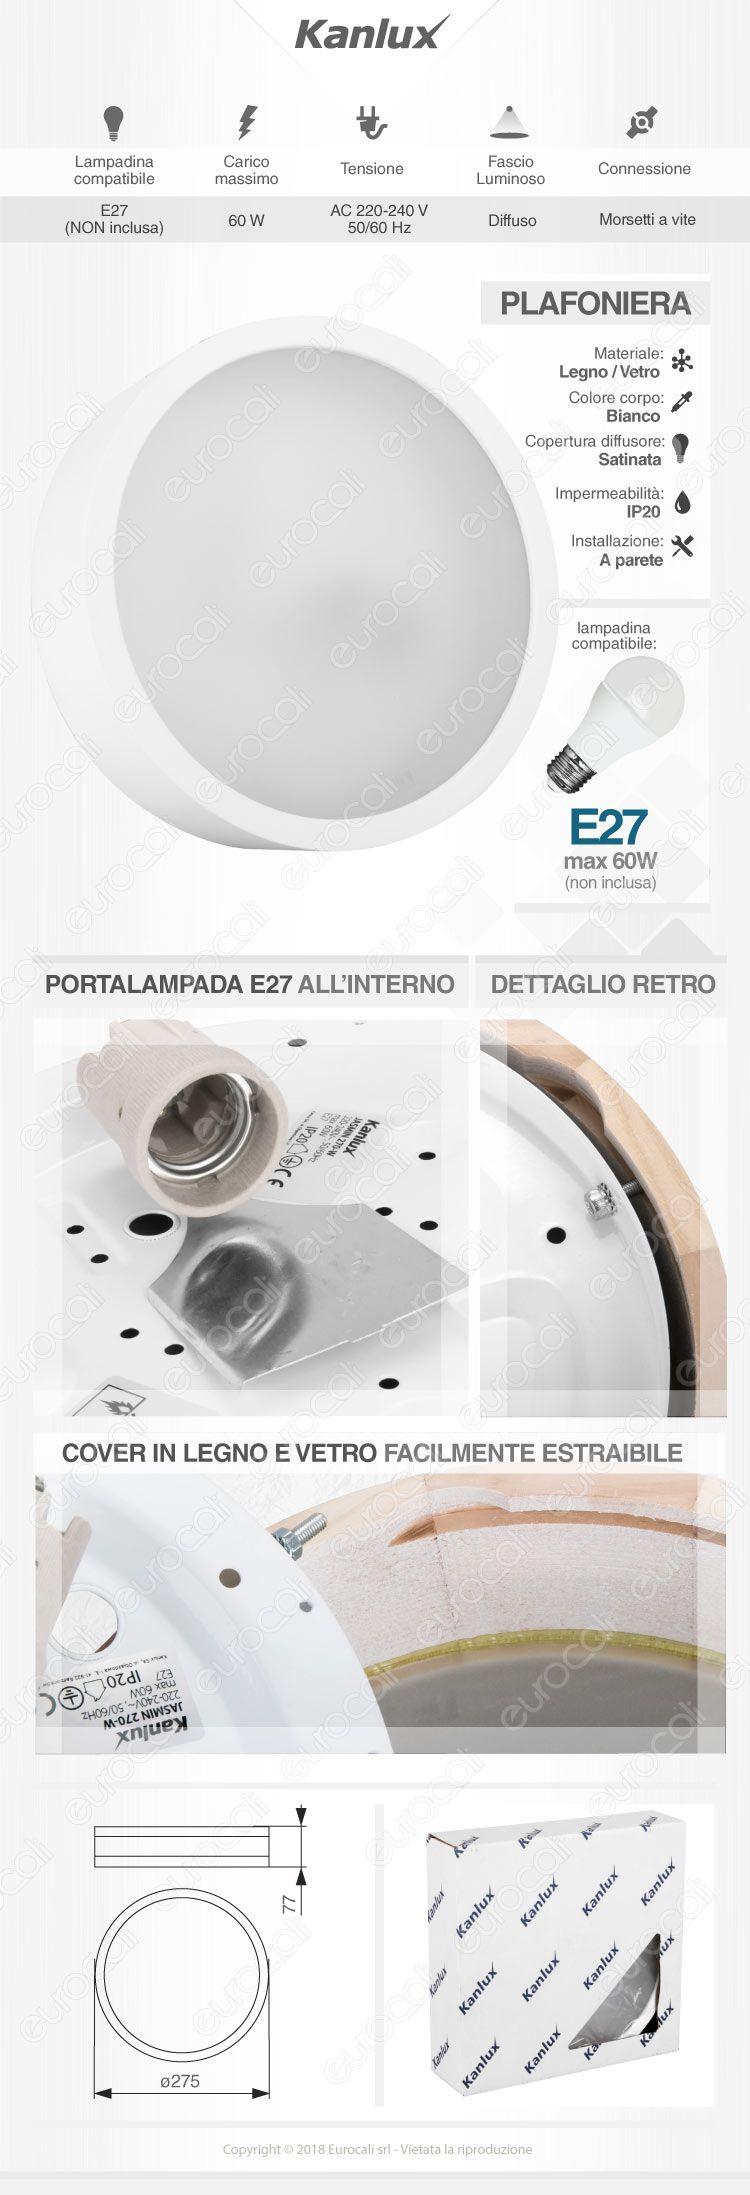 Plafoniera portalampada e27